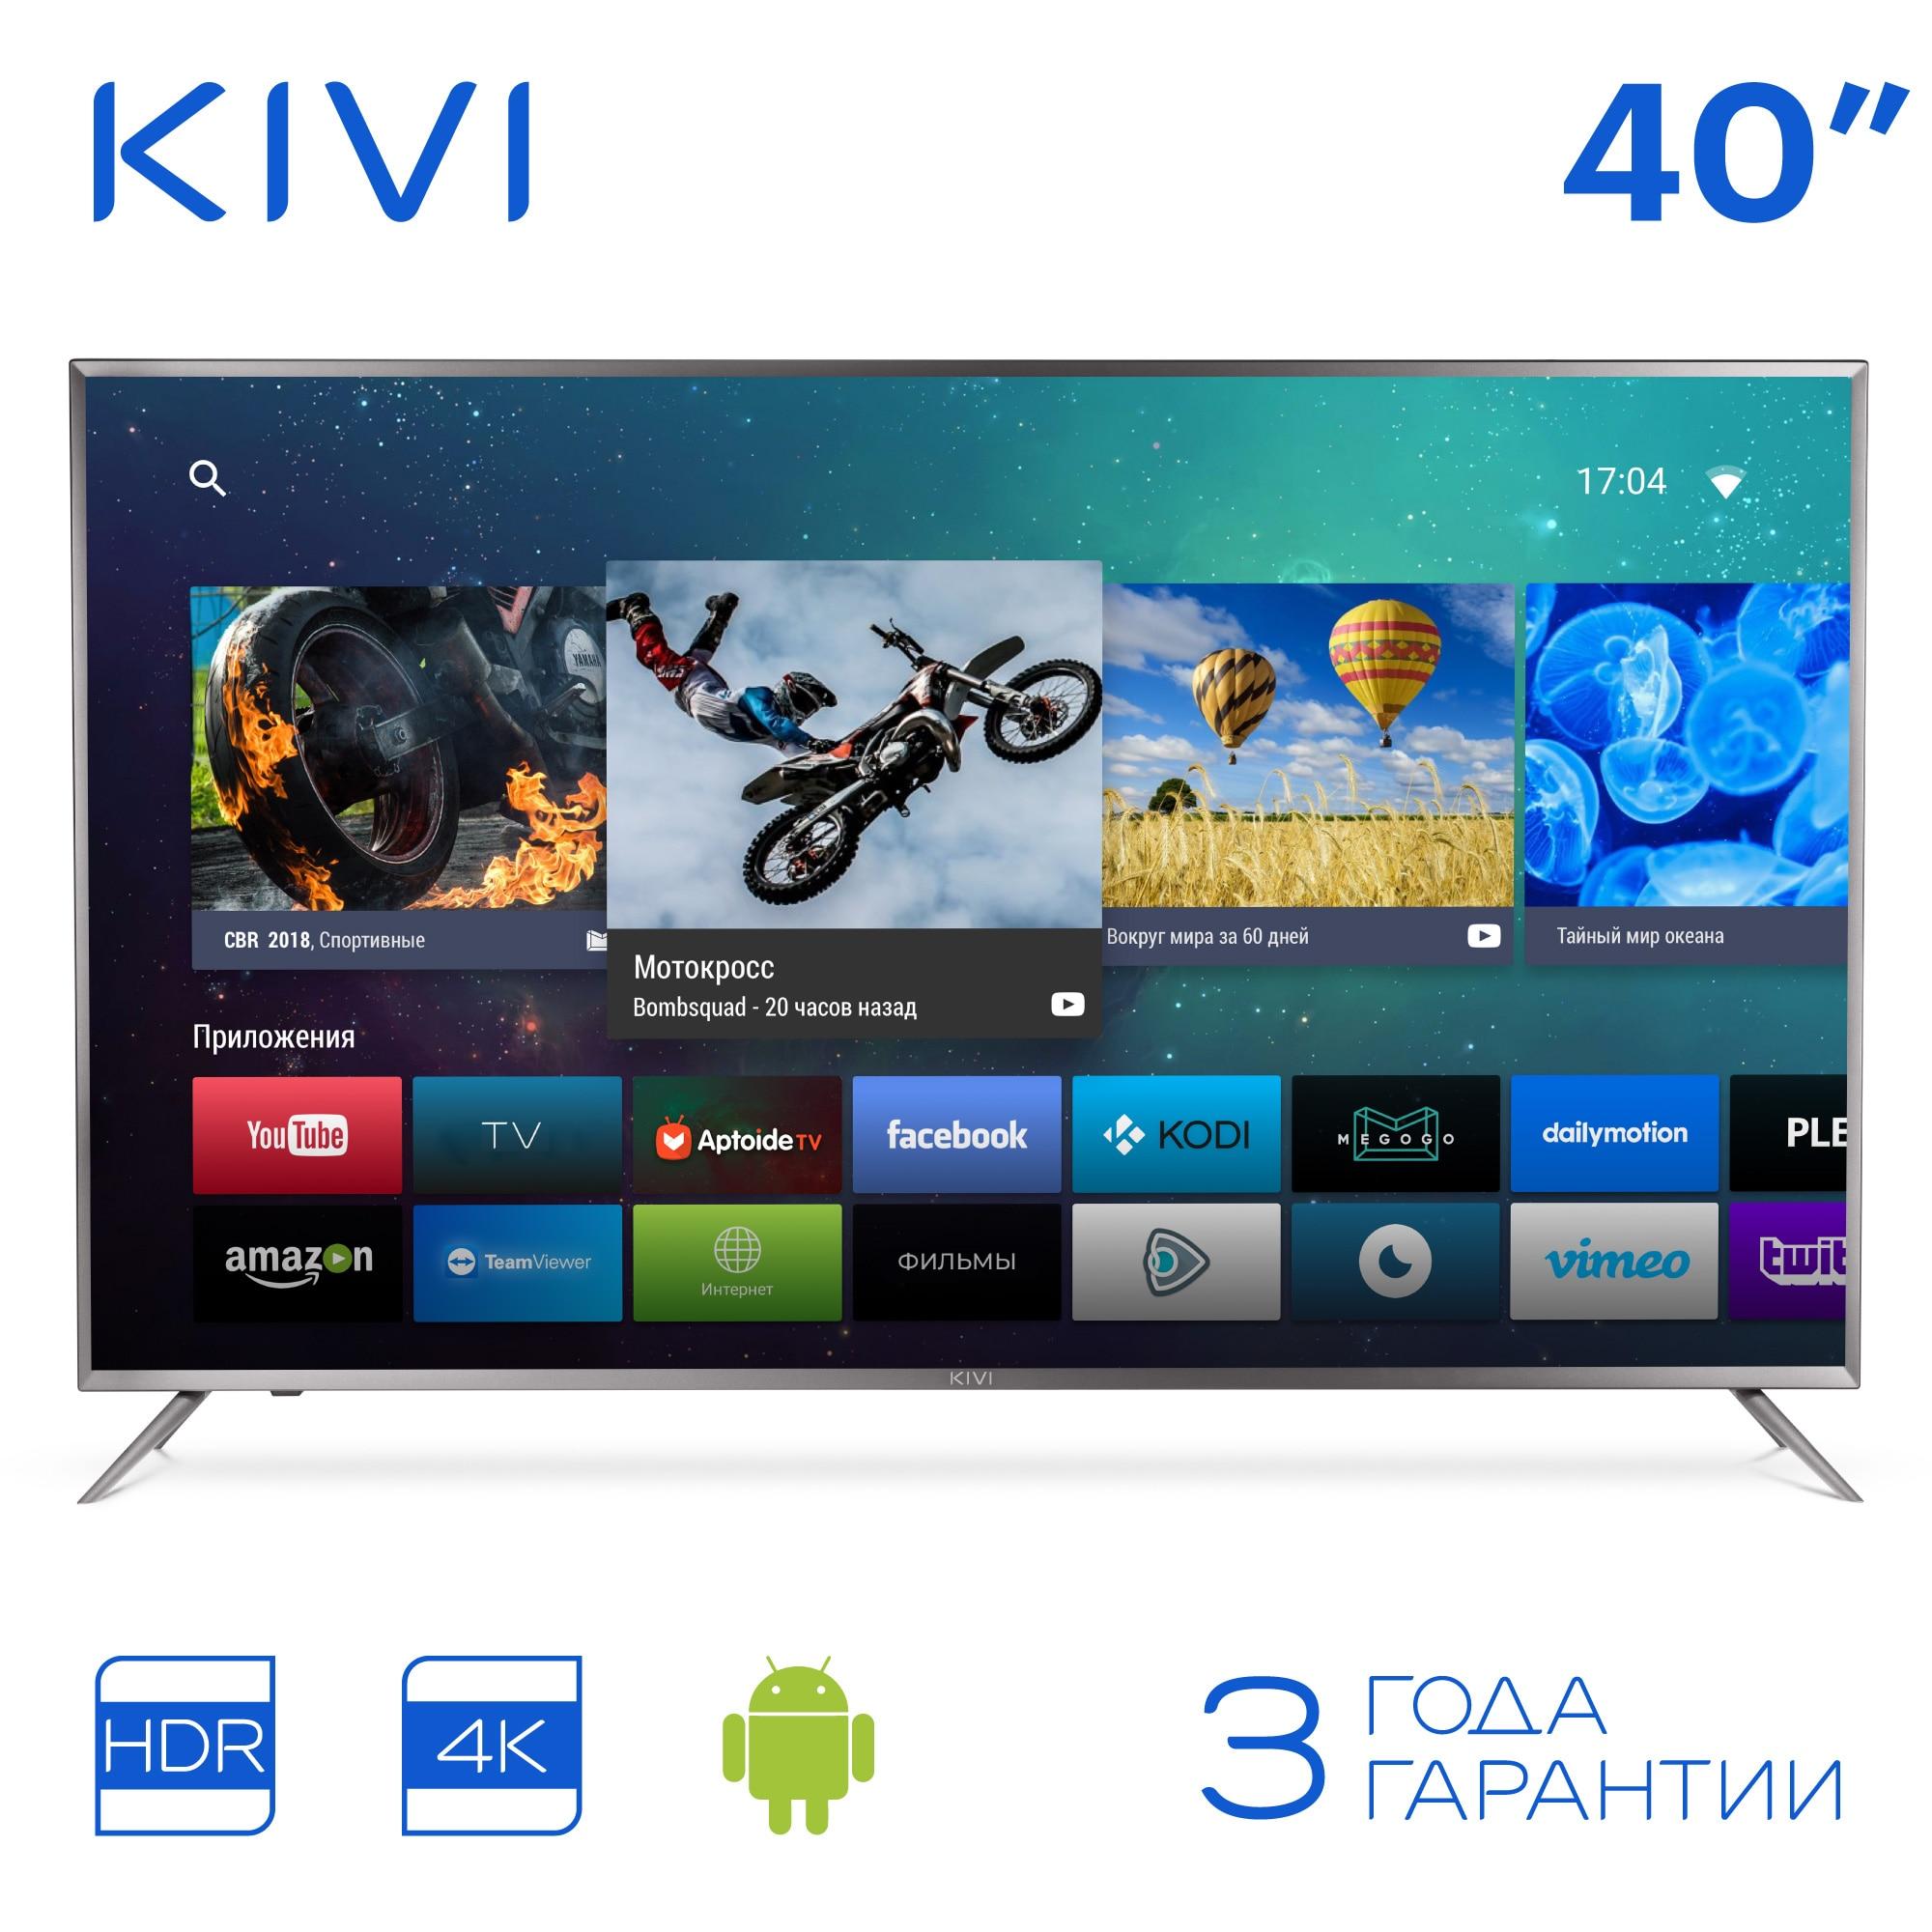 Televisore LED KIVI 40UR50GR UHD 4k Smart TV Android HDR digitale dvb dvb-t dvb-t2 40inchTv